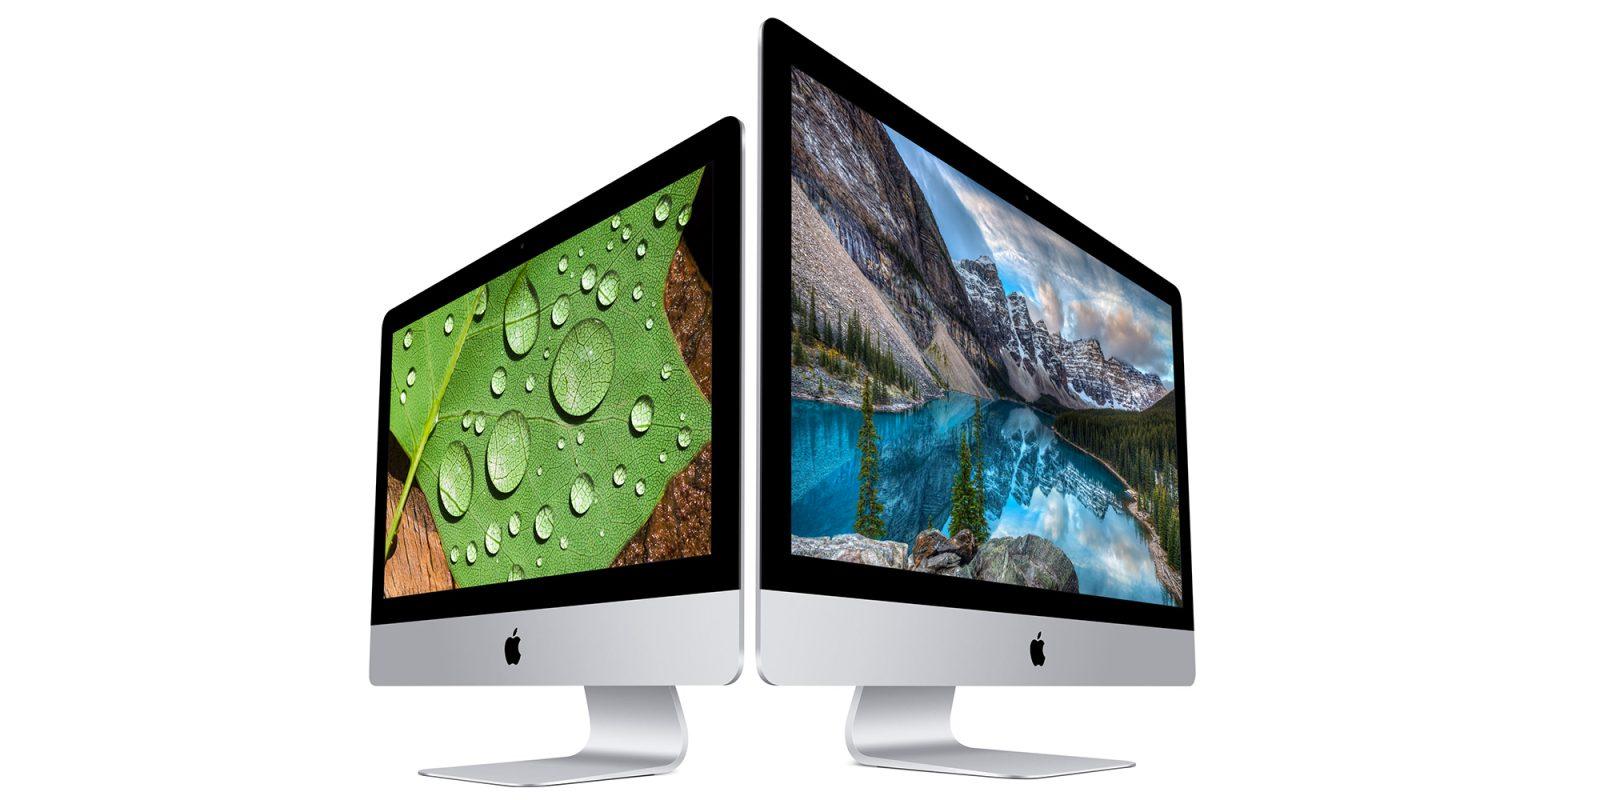 Tim Cook says Apple has 'great desktops' in Mac's roadmap